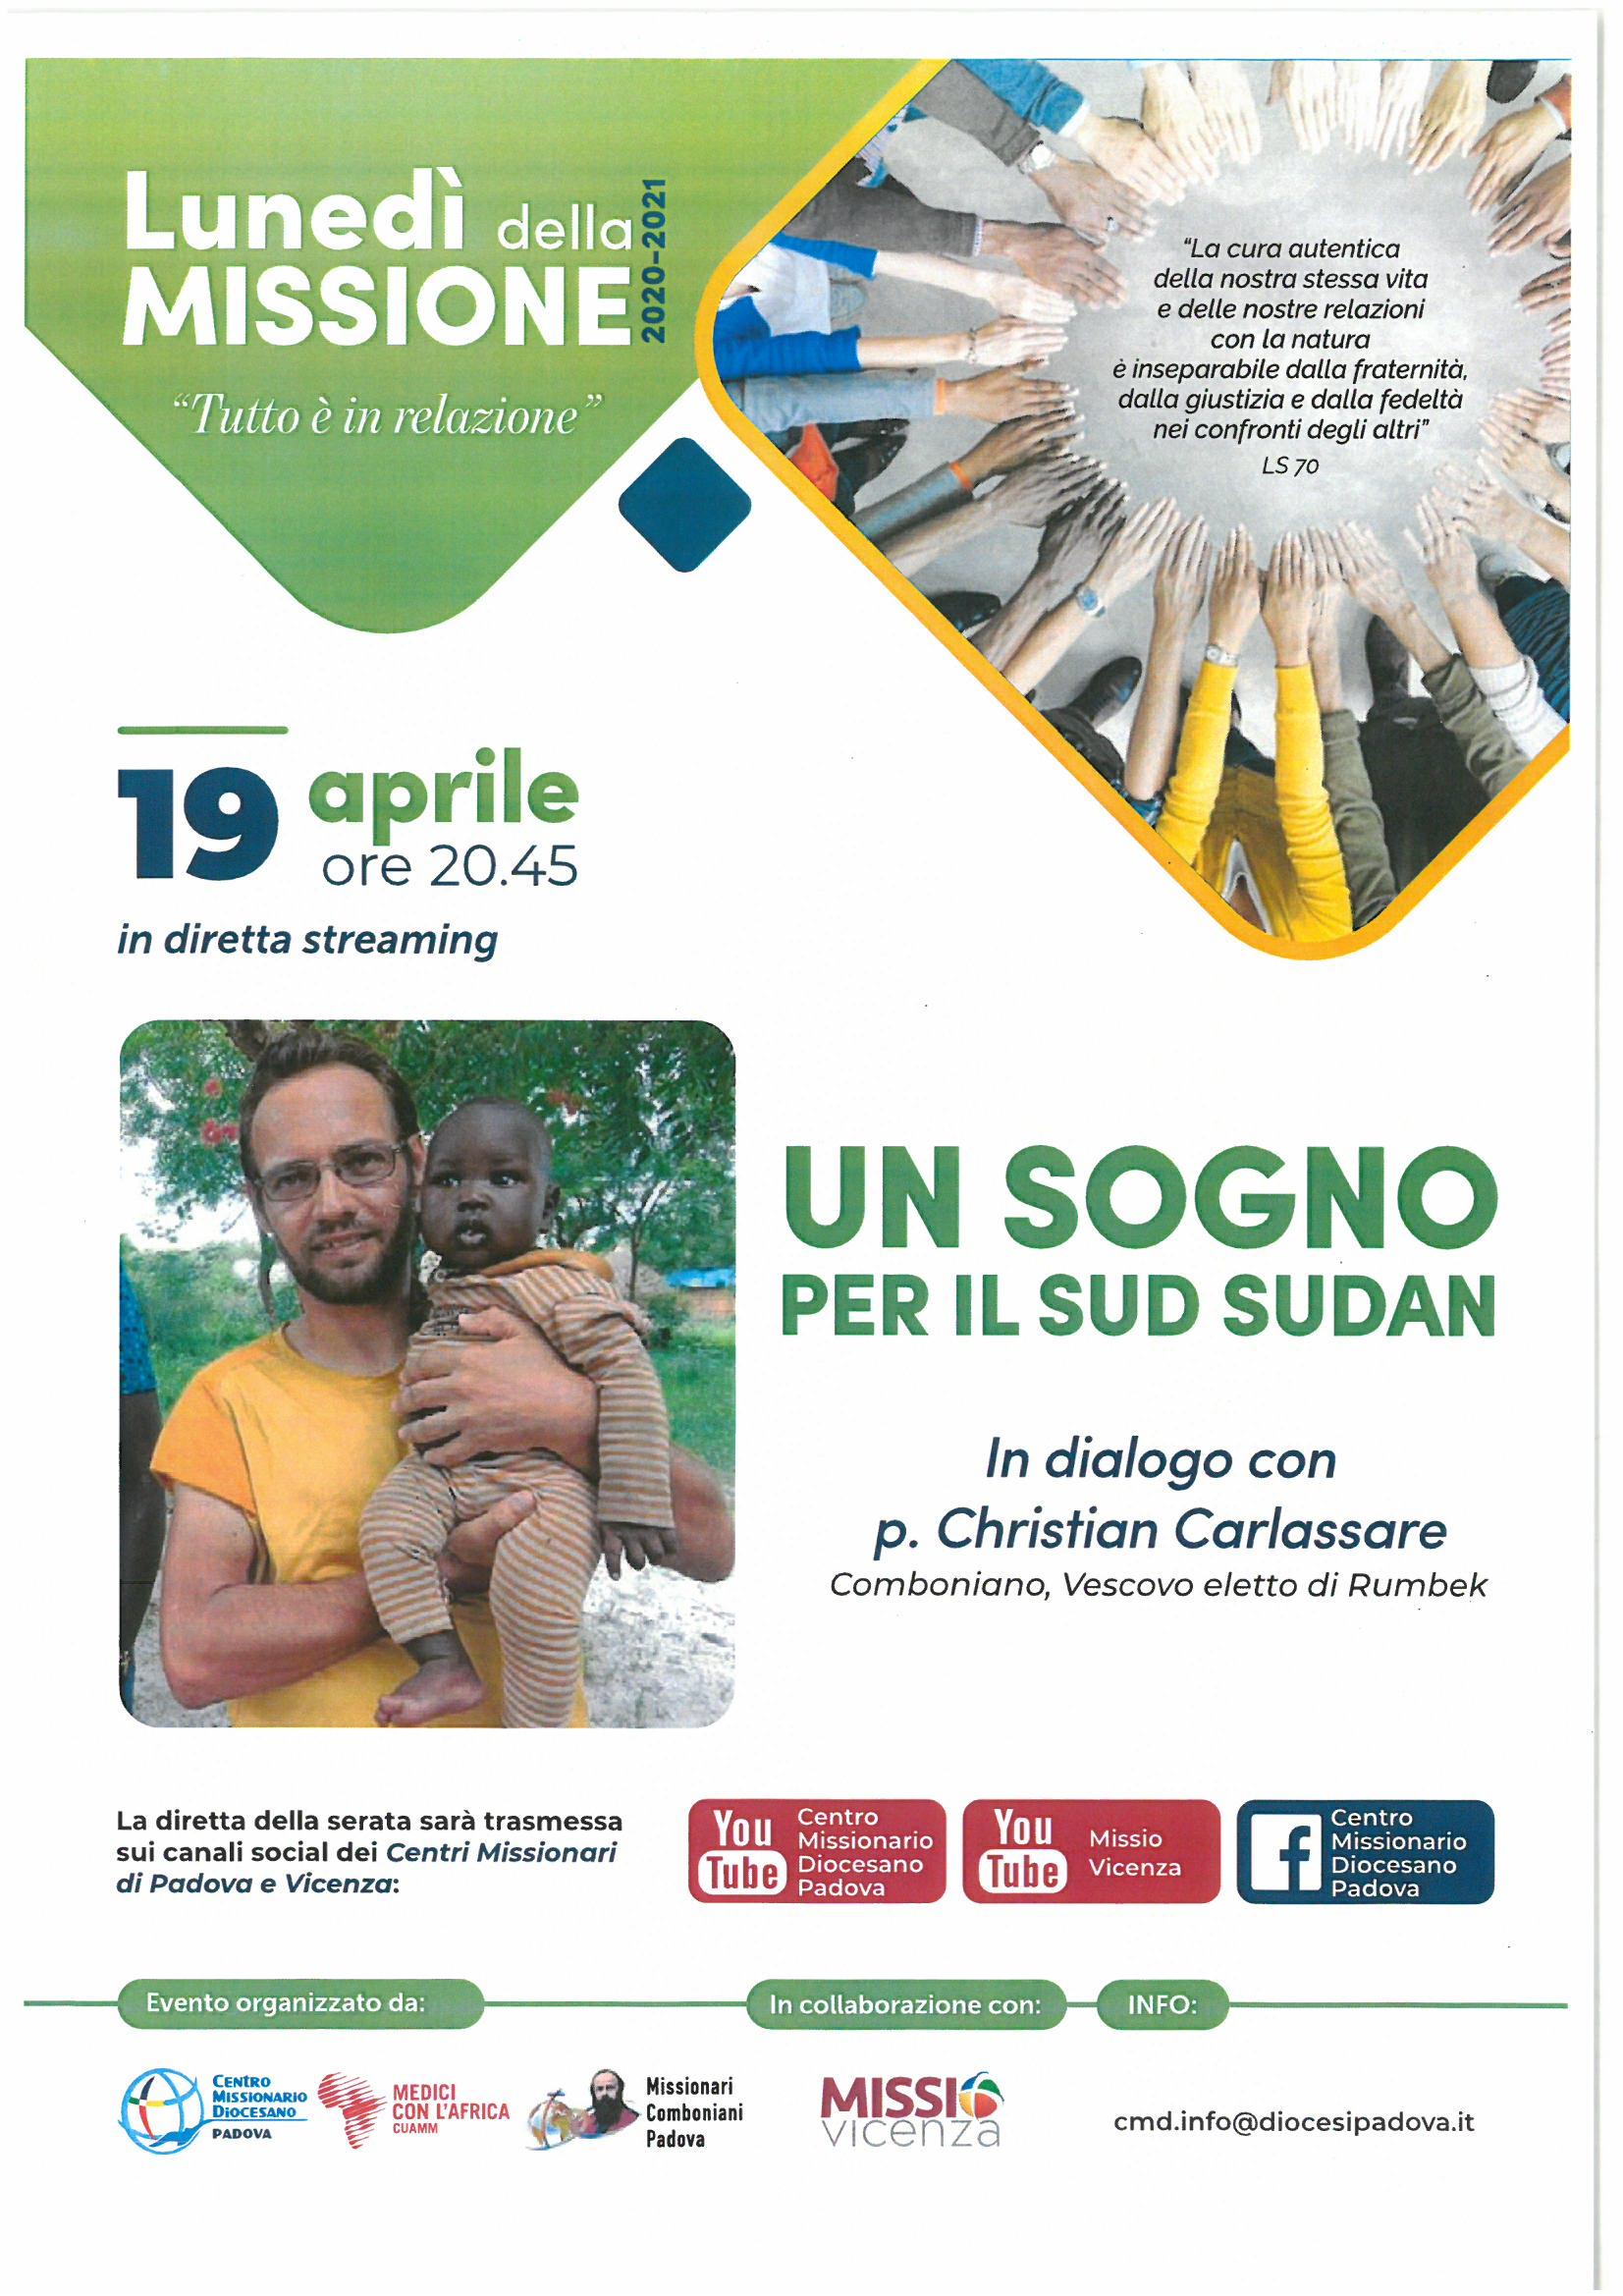 UN SOGNO PER IL SUD SUDAN - In dialogo con P. Christian Carlassare